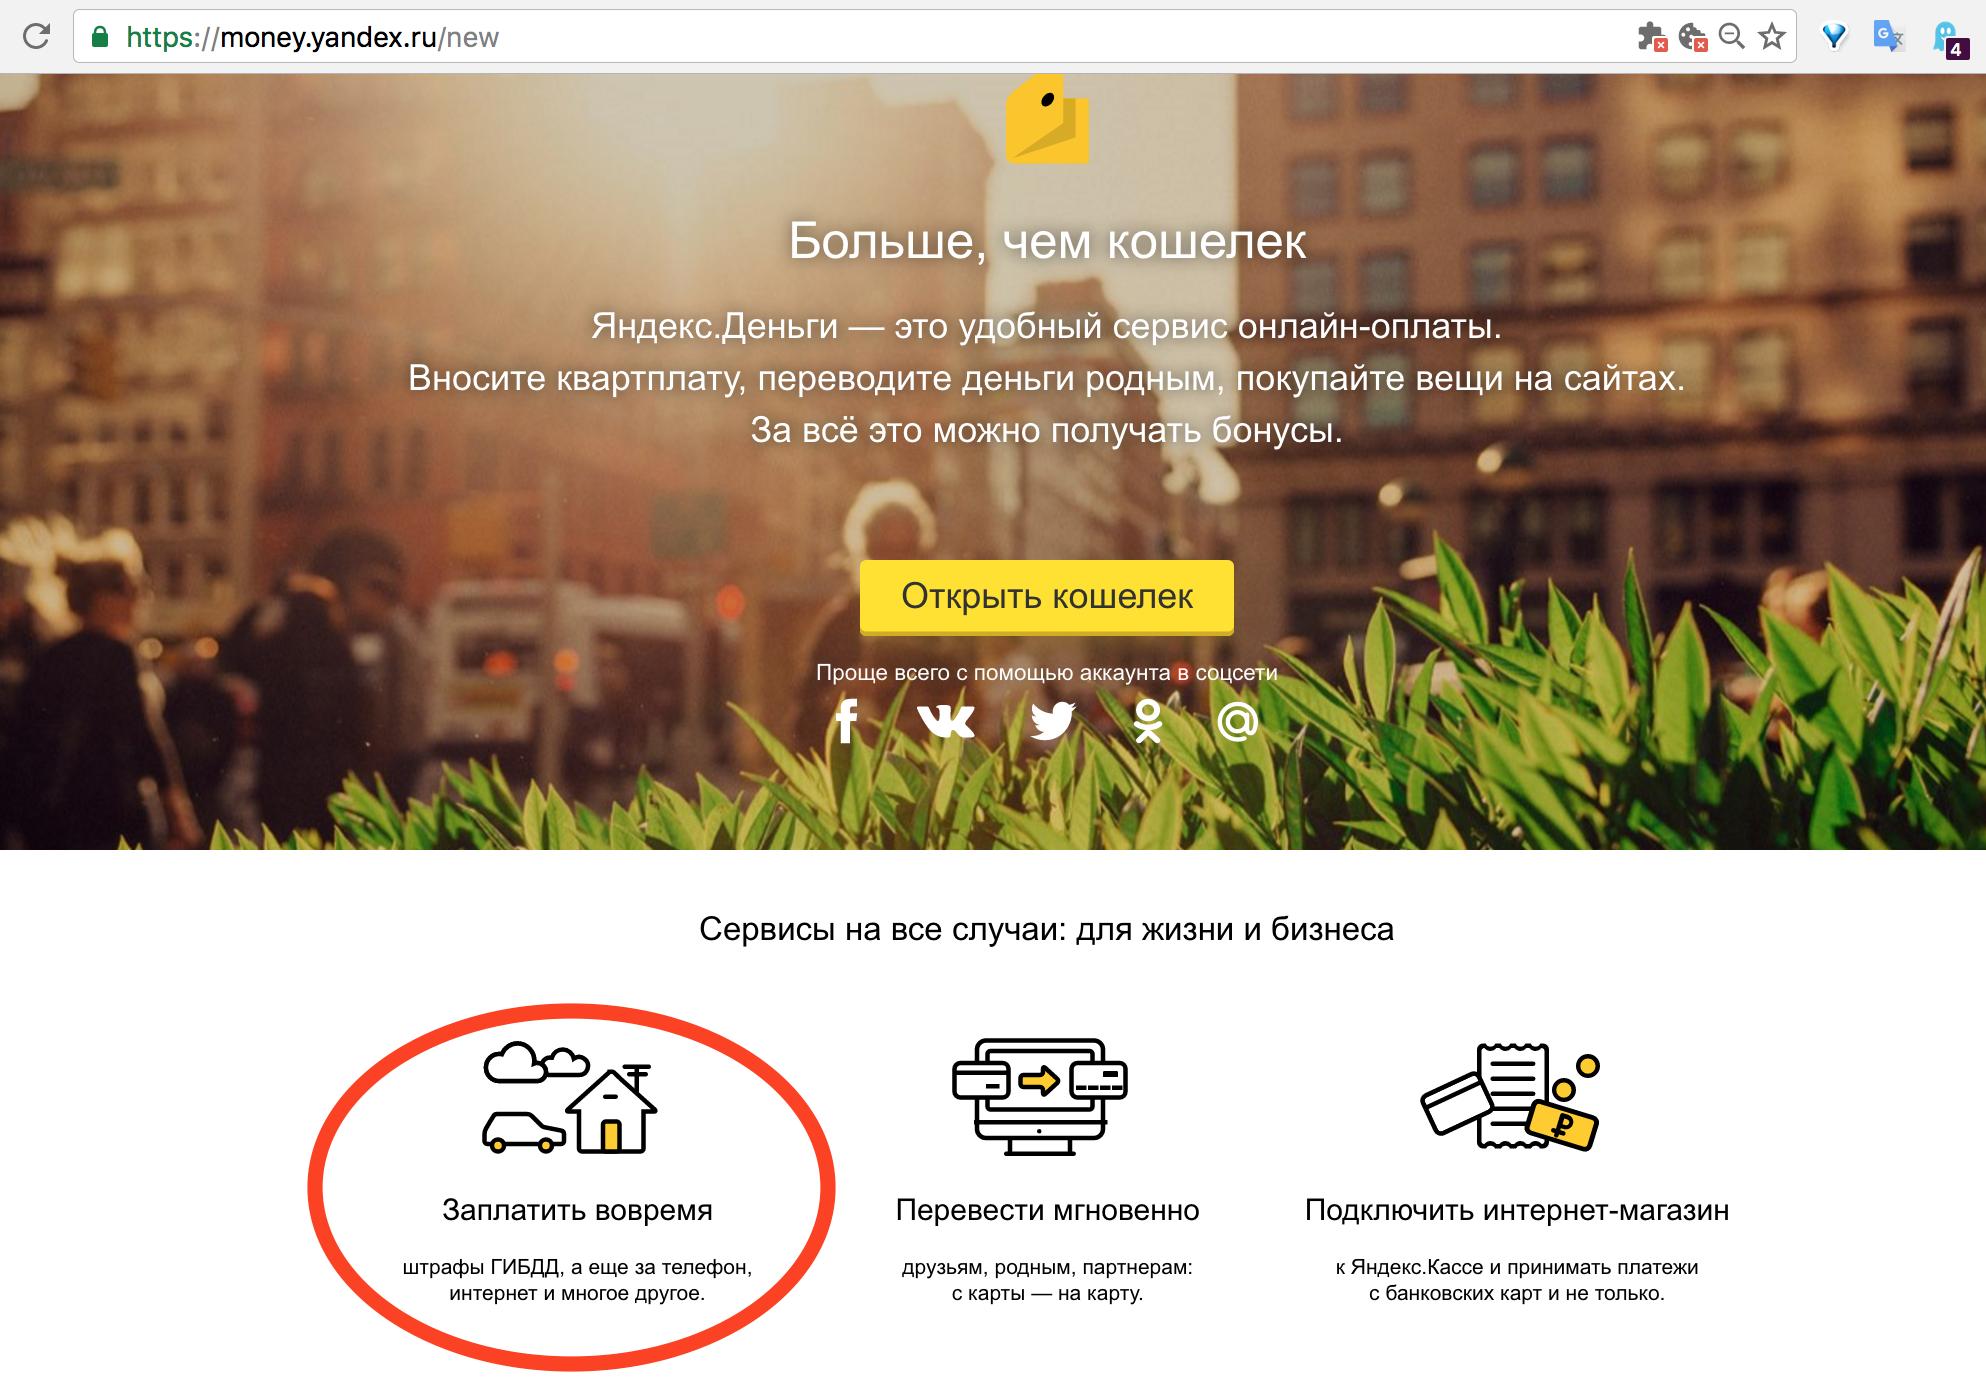 Рис. 4 Главная страница обновленного ресурса Yandex.Money